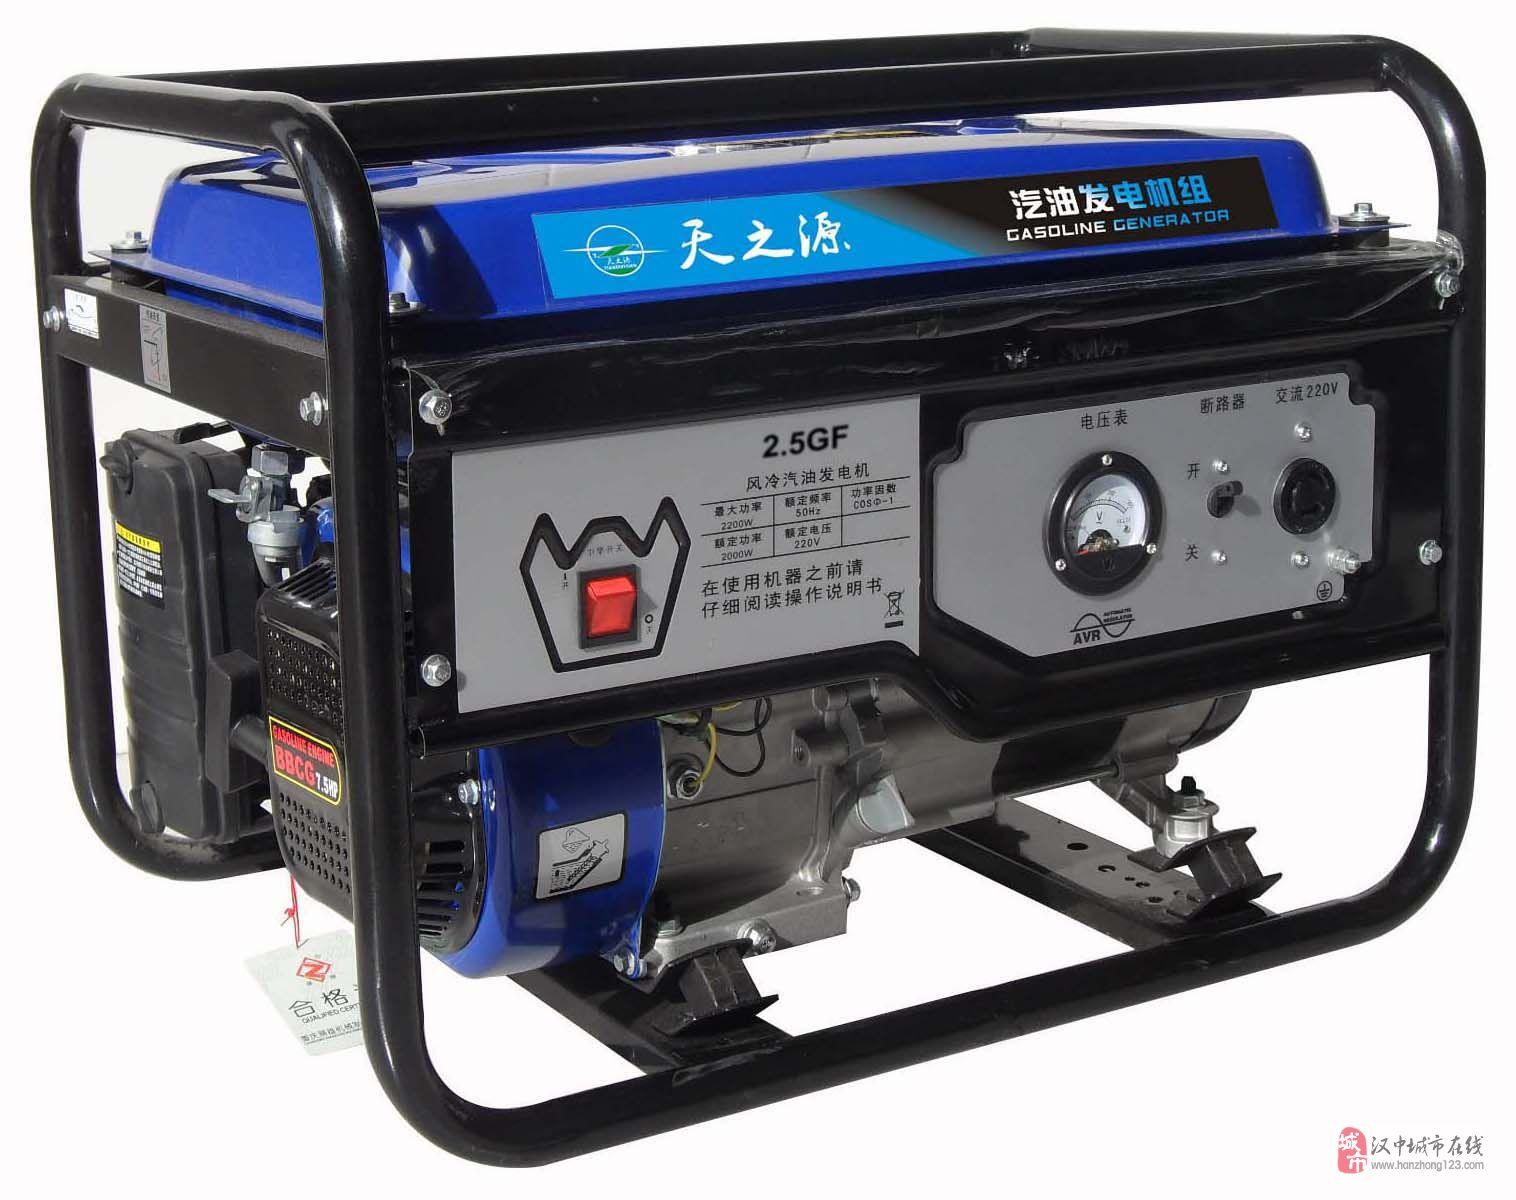 批发销售2500瓦汽油发电机组,质量可靠,价格从优